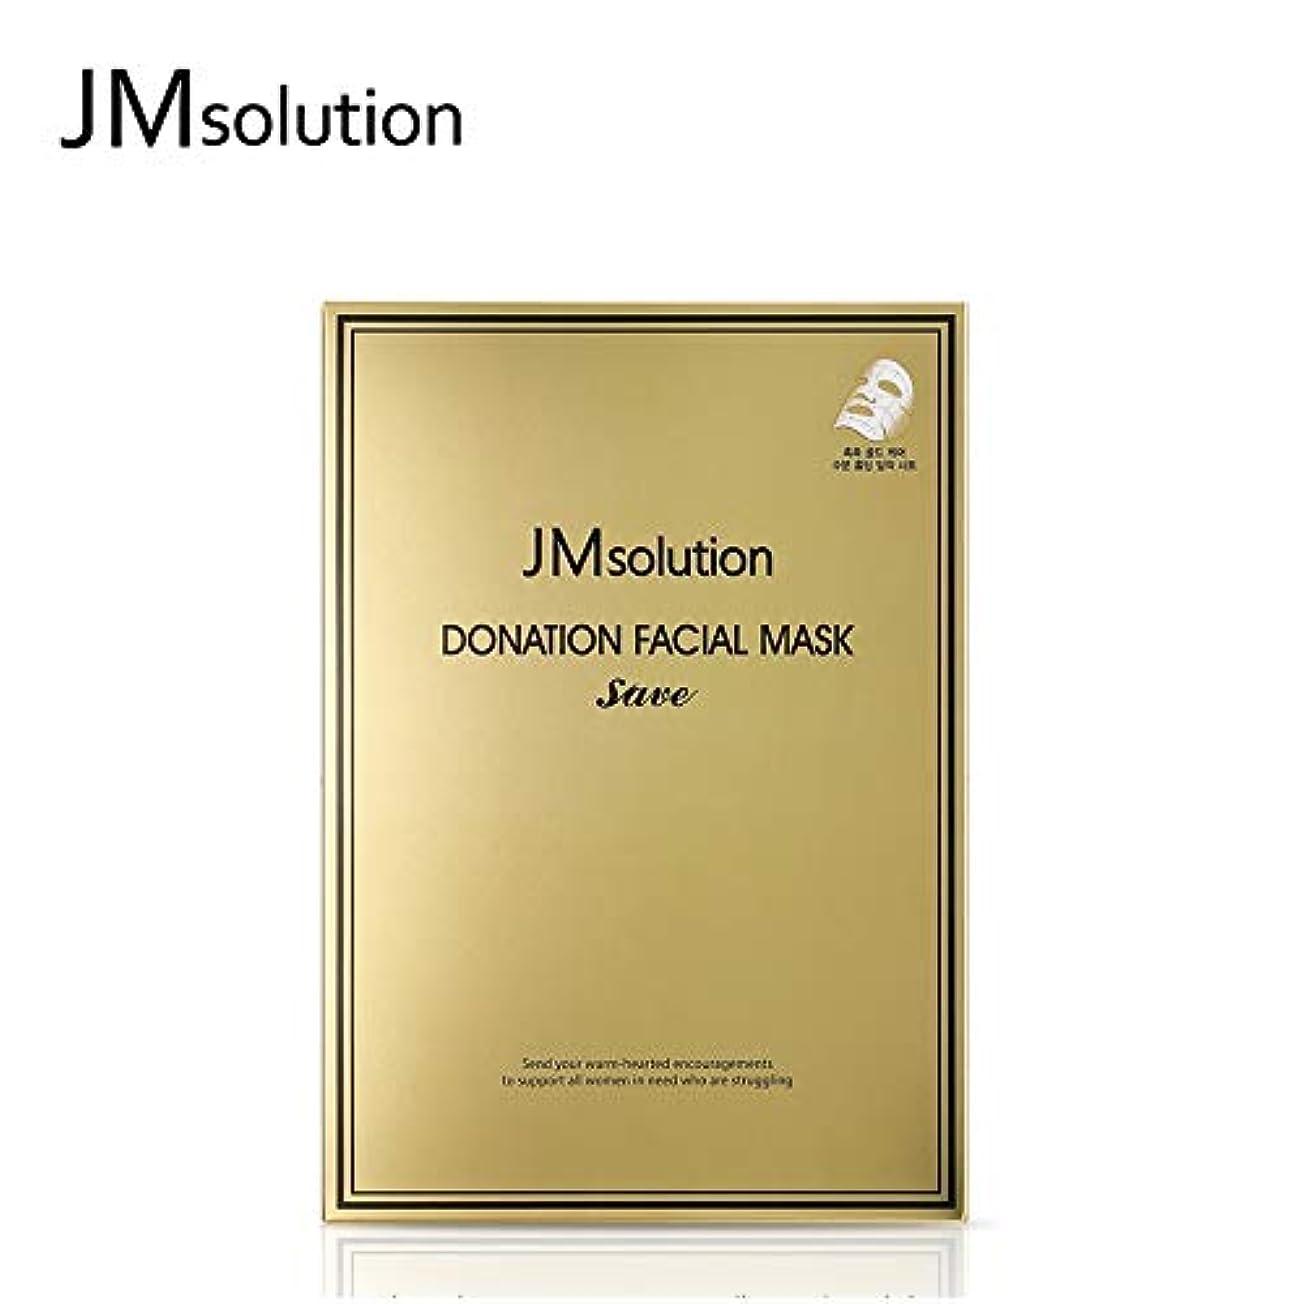 酔って腫瘍を通して[JM Solution/JMソリューション] Donation Facial Masks - Save/顔シートマスクセット 10Sheets [韓国産 ]